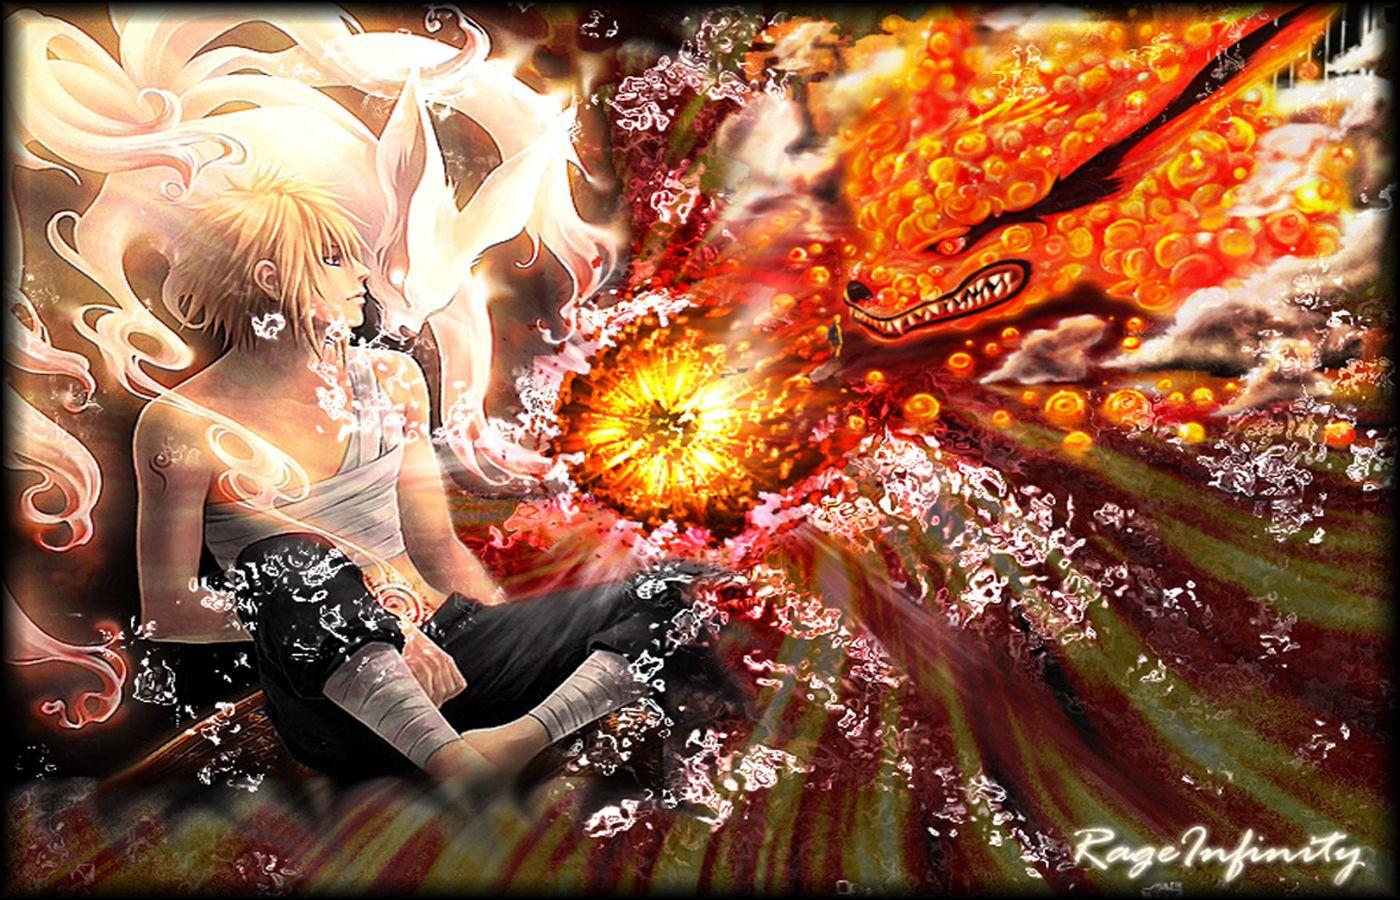 Tuyển tập những hình ảnh phim hoạt hình Naruto 3D đẹp nhất hình ảnh 12